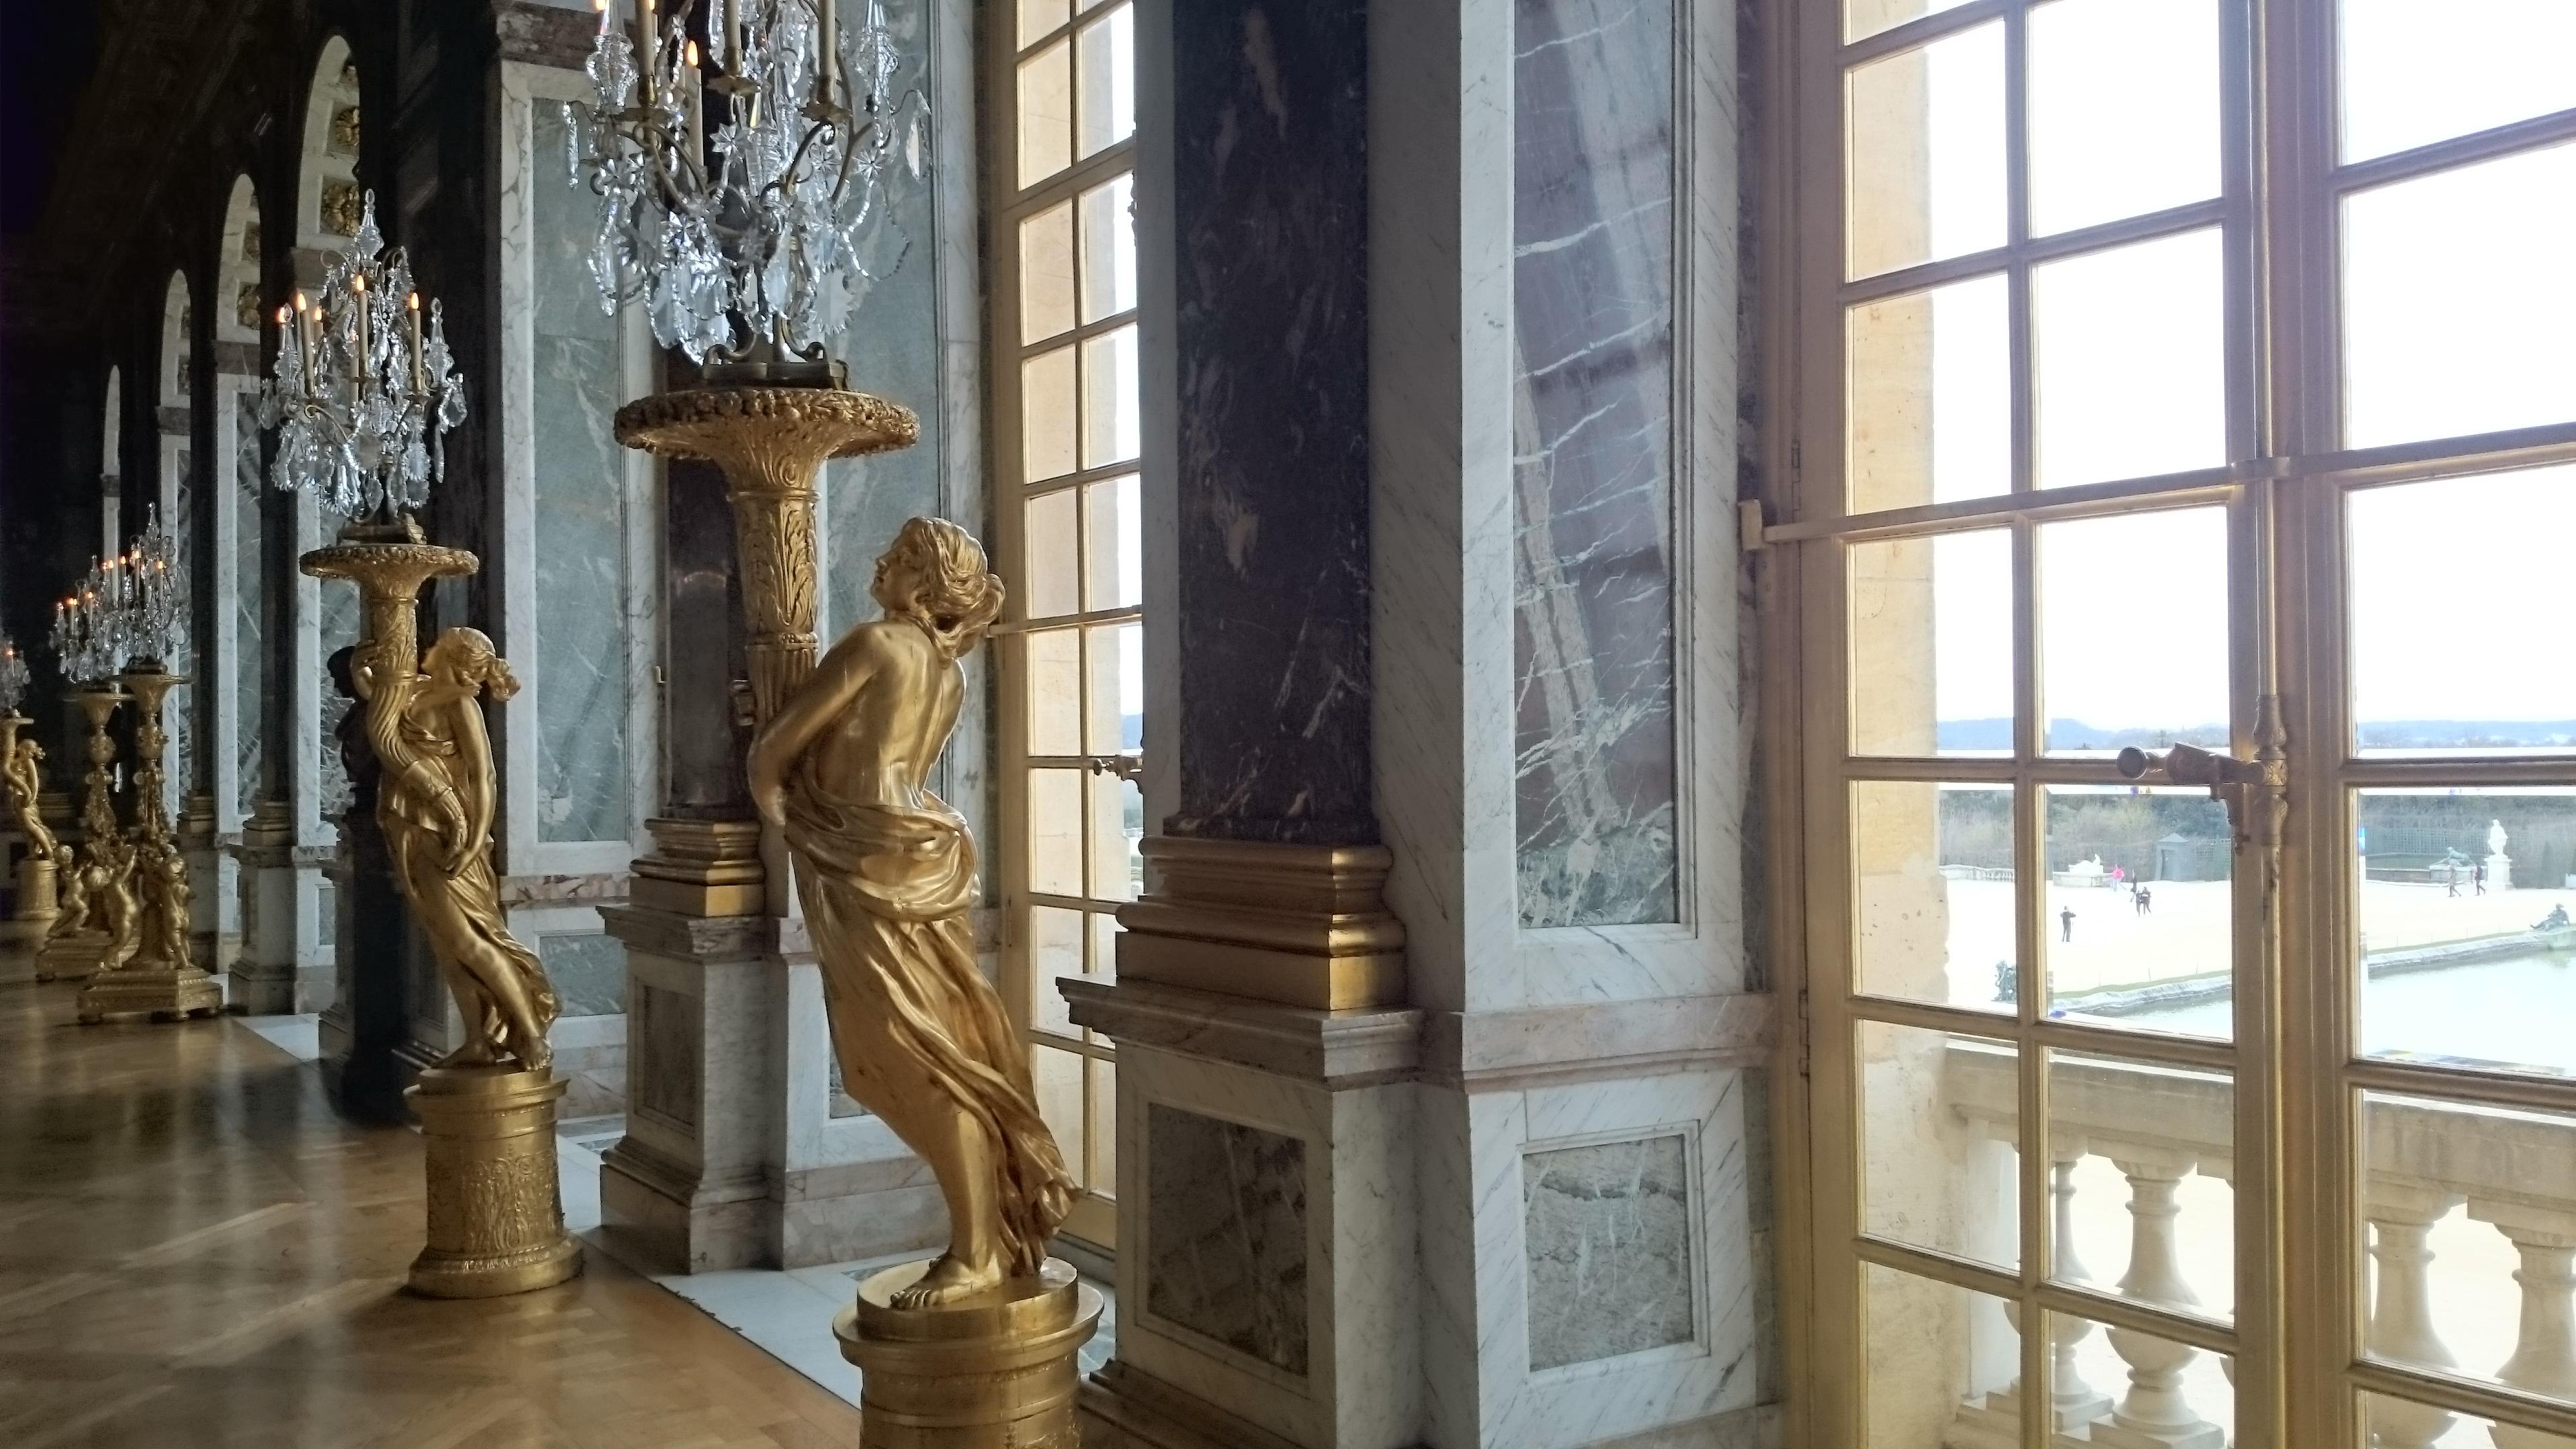 dsc 13791 - Visita al Palacio de Versalles: Como ir, cuanto cuesta y tips III/III